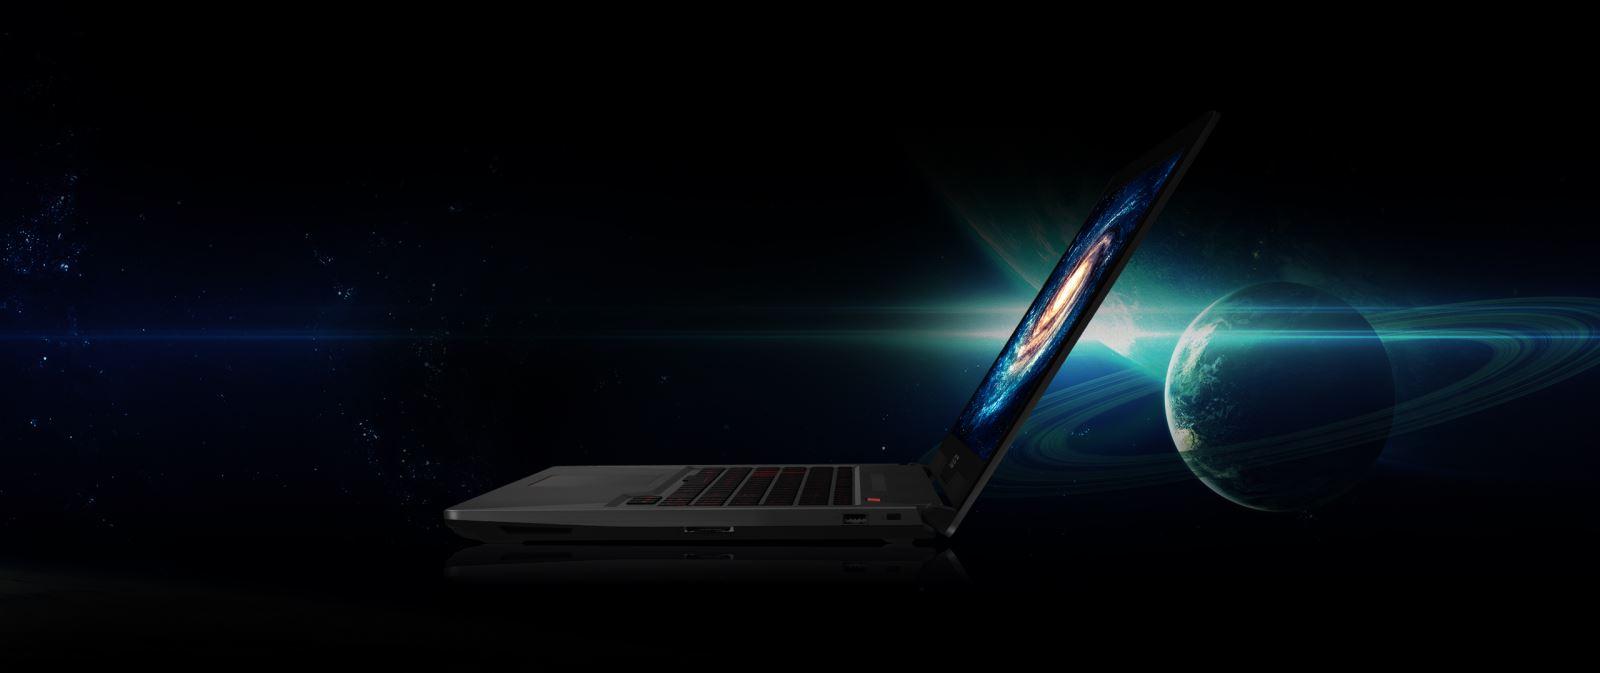 Máy xách tay/ Laptop Asus FX503VD-E4119T (I7-7700HQ) (Đen)